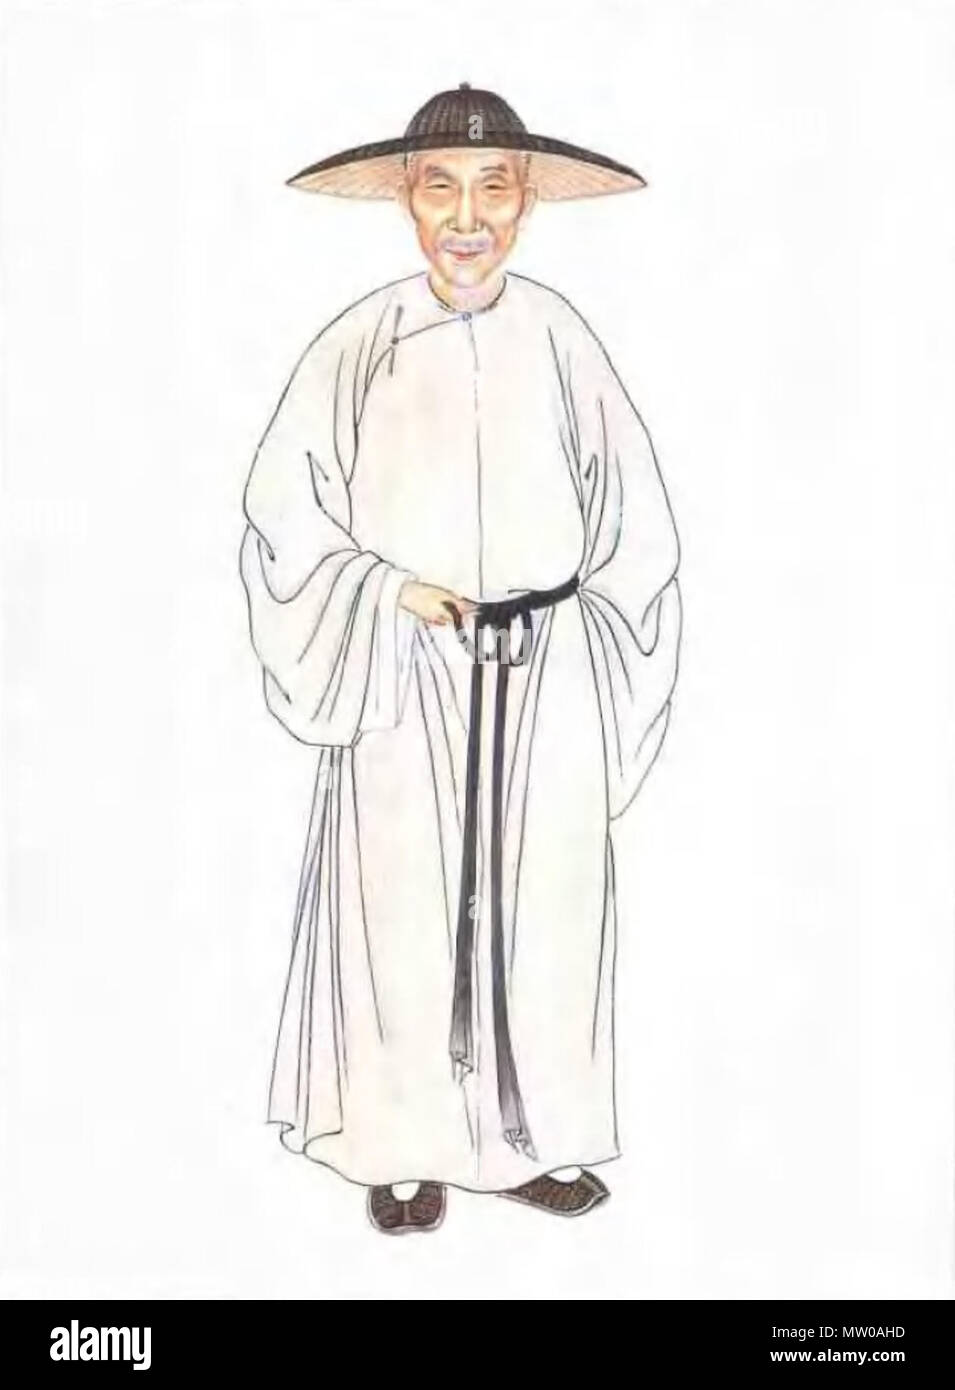 . 中文: 钱谦益(1582年-1664年),字受之,号牧斋,晚号蒙叟、东涧老人,江苏常熟人,明末文坛领袖。 English: Qian Qianyi (1582–1664) was a noted late Ming official, scholar and social historian. 19th century. 楊鵬秋 507 Qian Qianyi - Stock Image